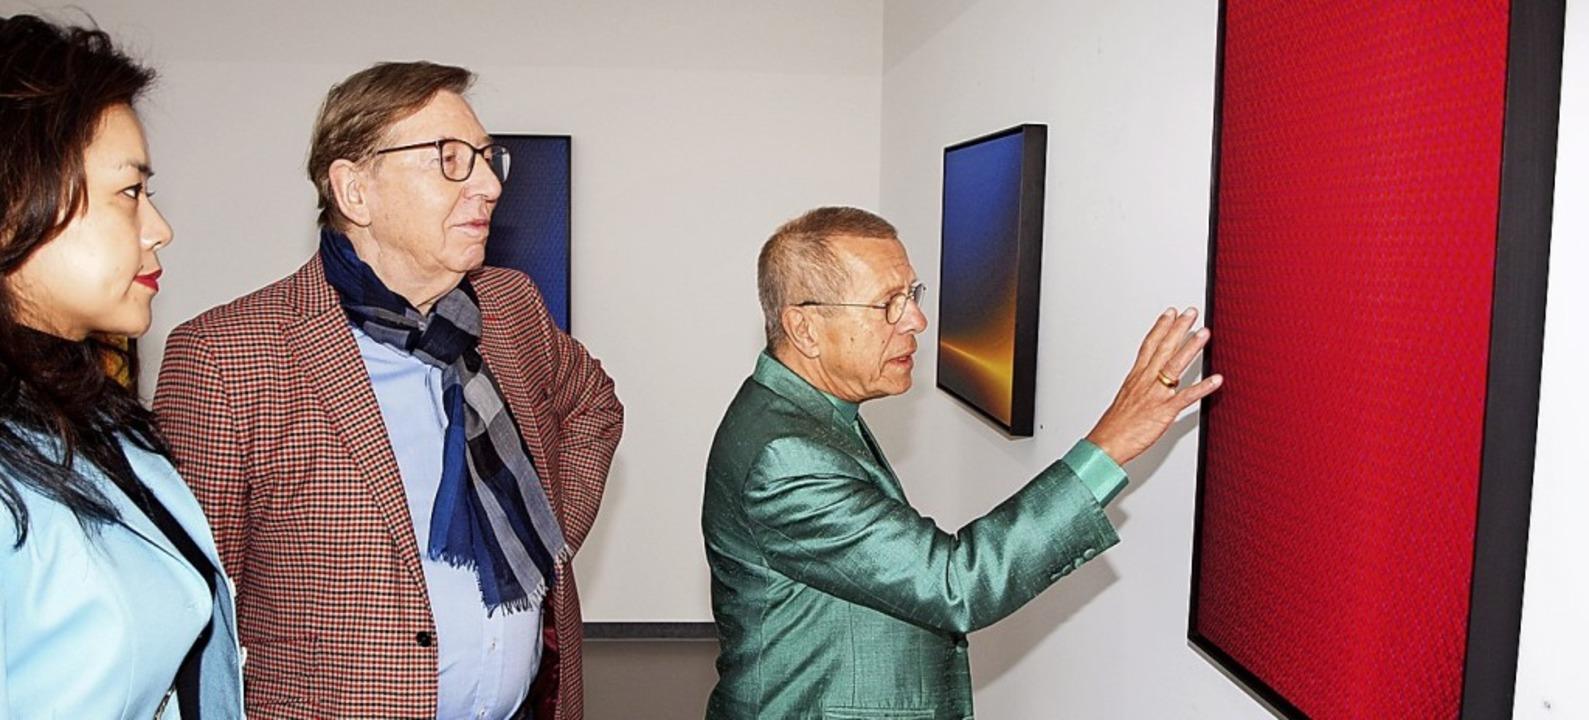 Günter Scharein erklärt dem Ehepaar Messmer seine Bilder.   | Foto: Haberer